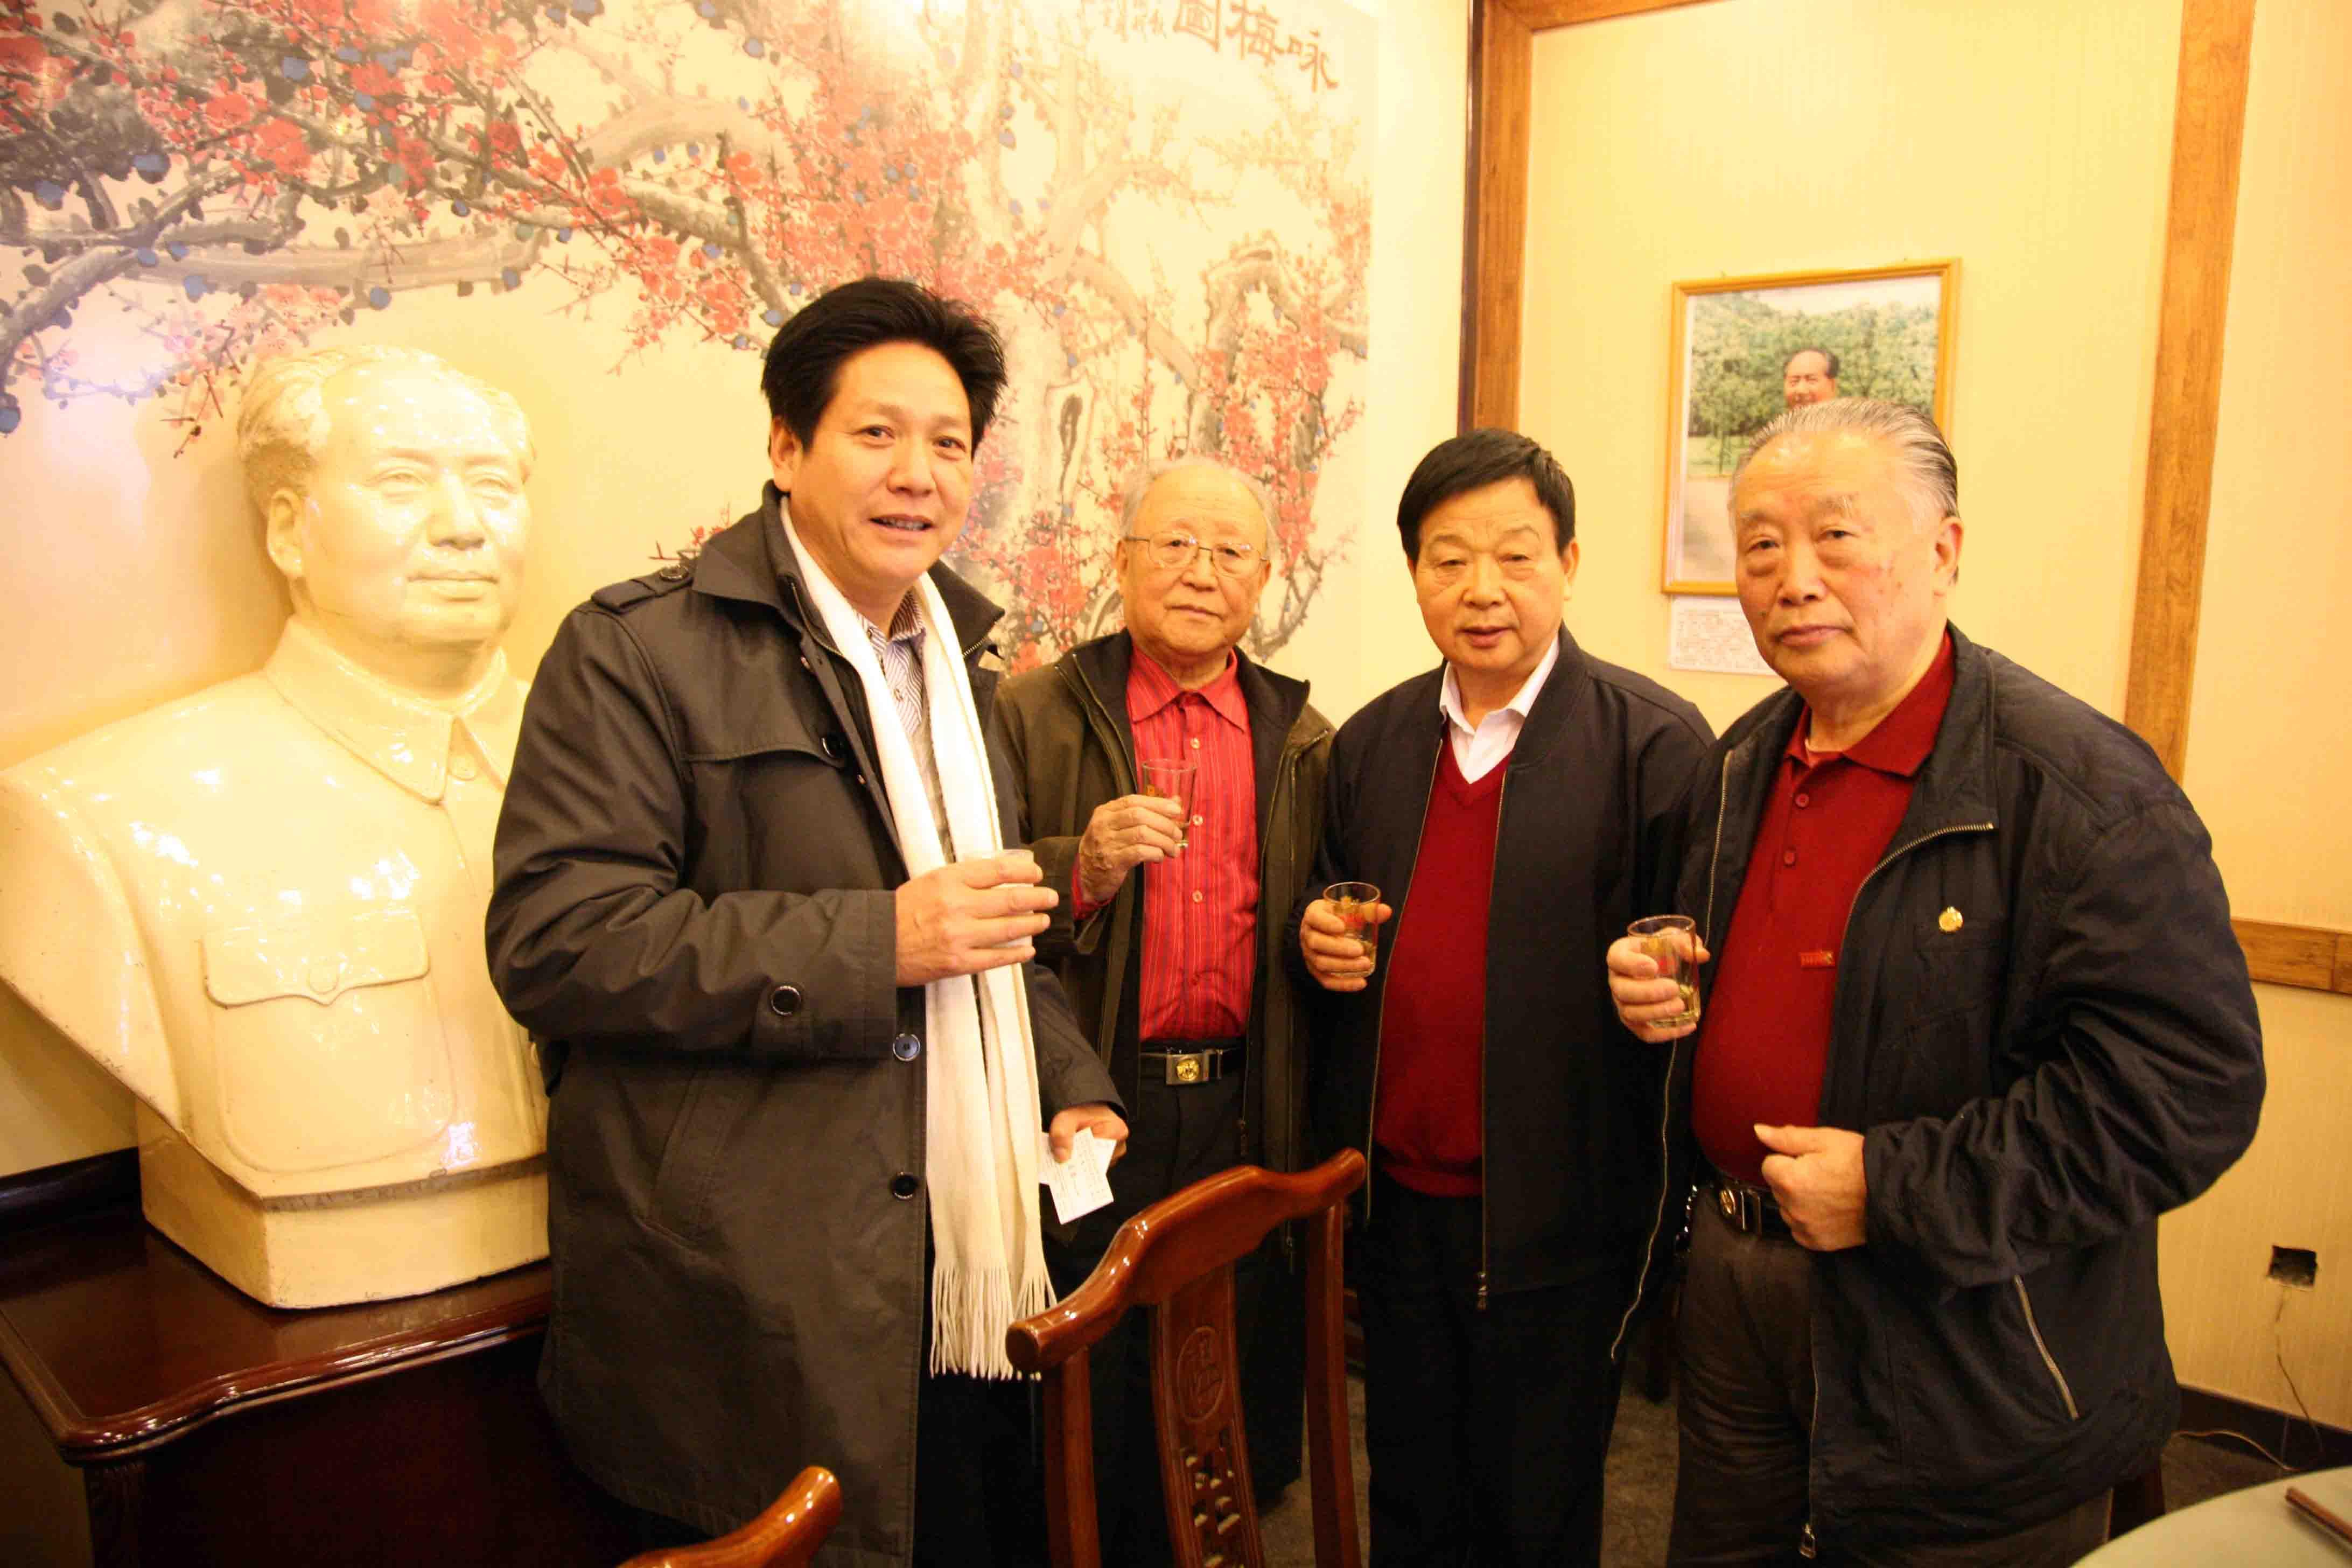 1劉杰與毛主席專職攝影師錢嗣杰(左二)、毛主席生活管理員吳連登(右二)、毛主席警衛員周福明(右一)合影。